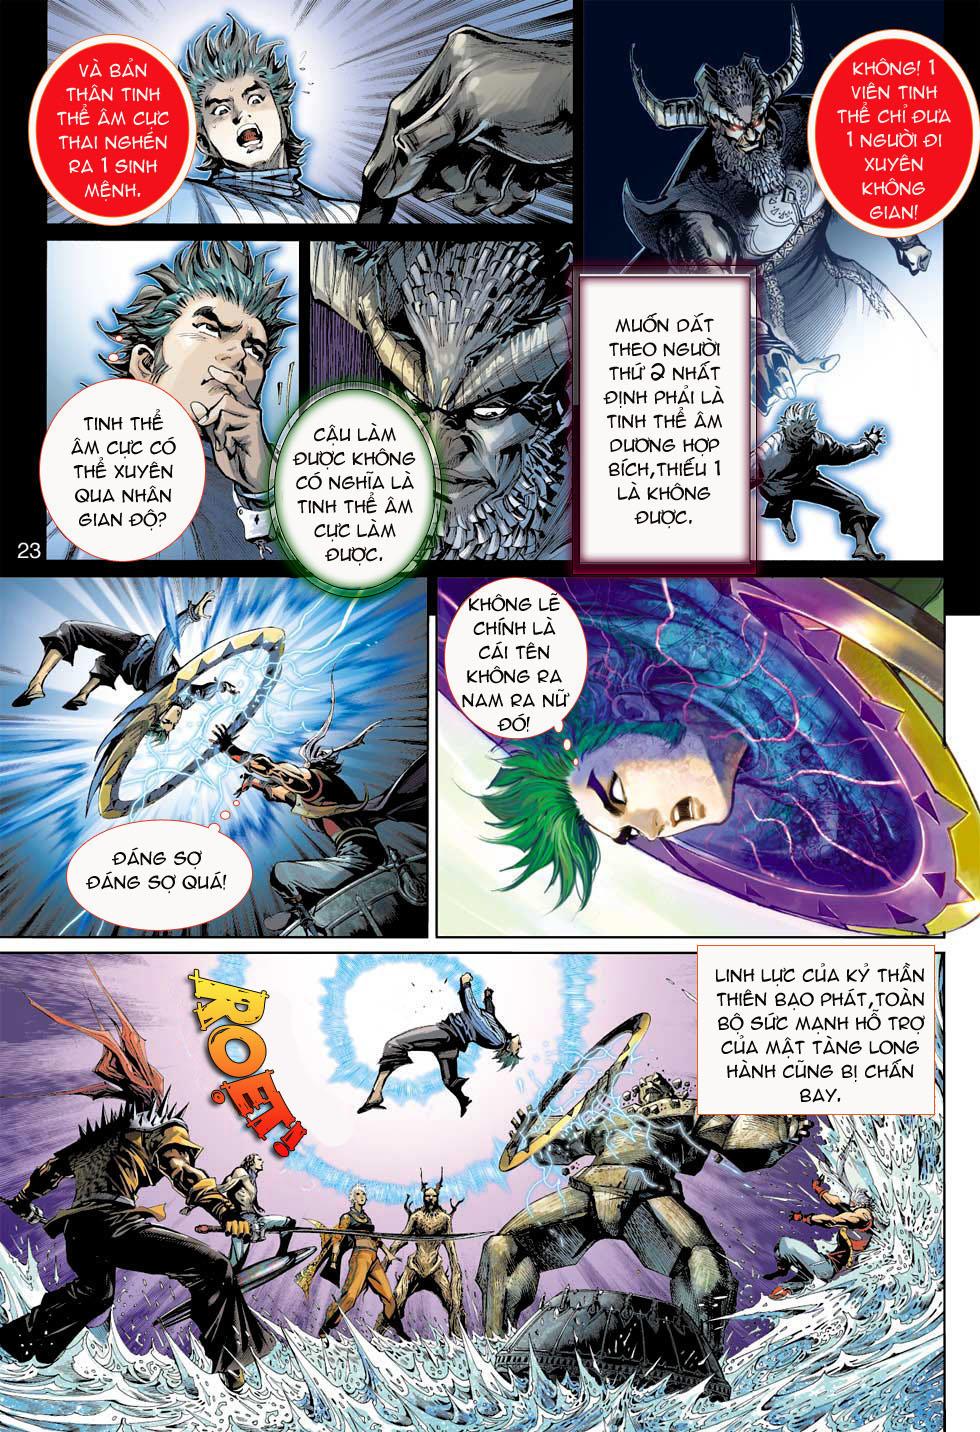 Thần Binh 4 chap 8 - Trang 23